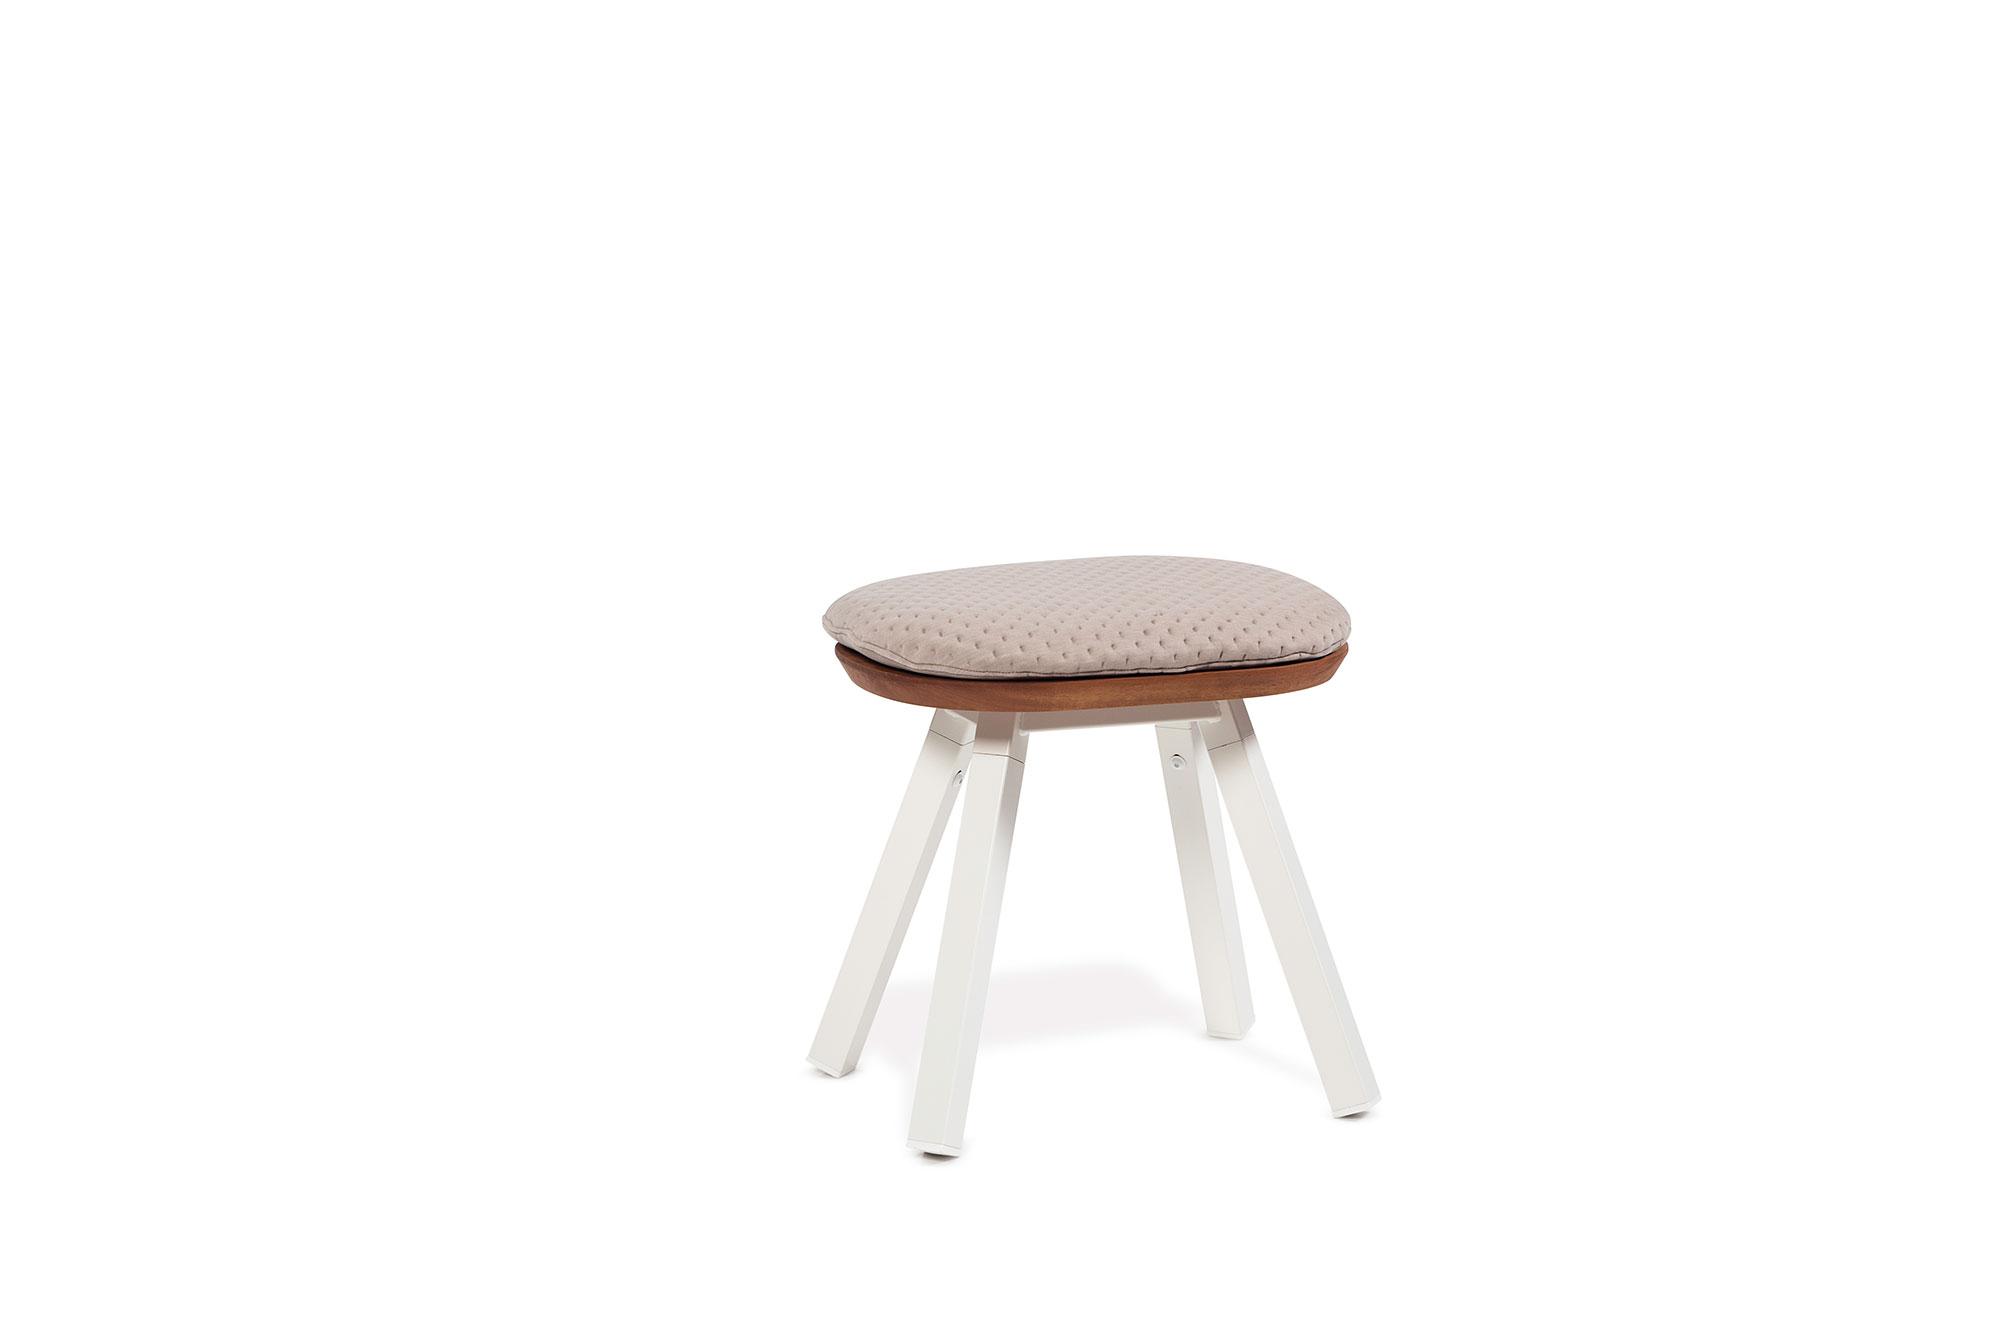 """Sitzkissen zum Sitzhocker 50 cm """"In- & Outdoor"""" - Design YM von RS Barcelona"""